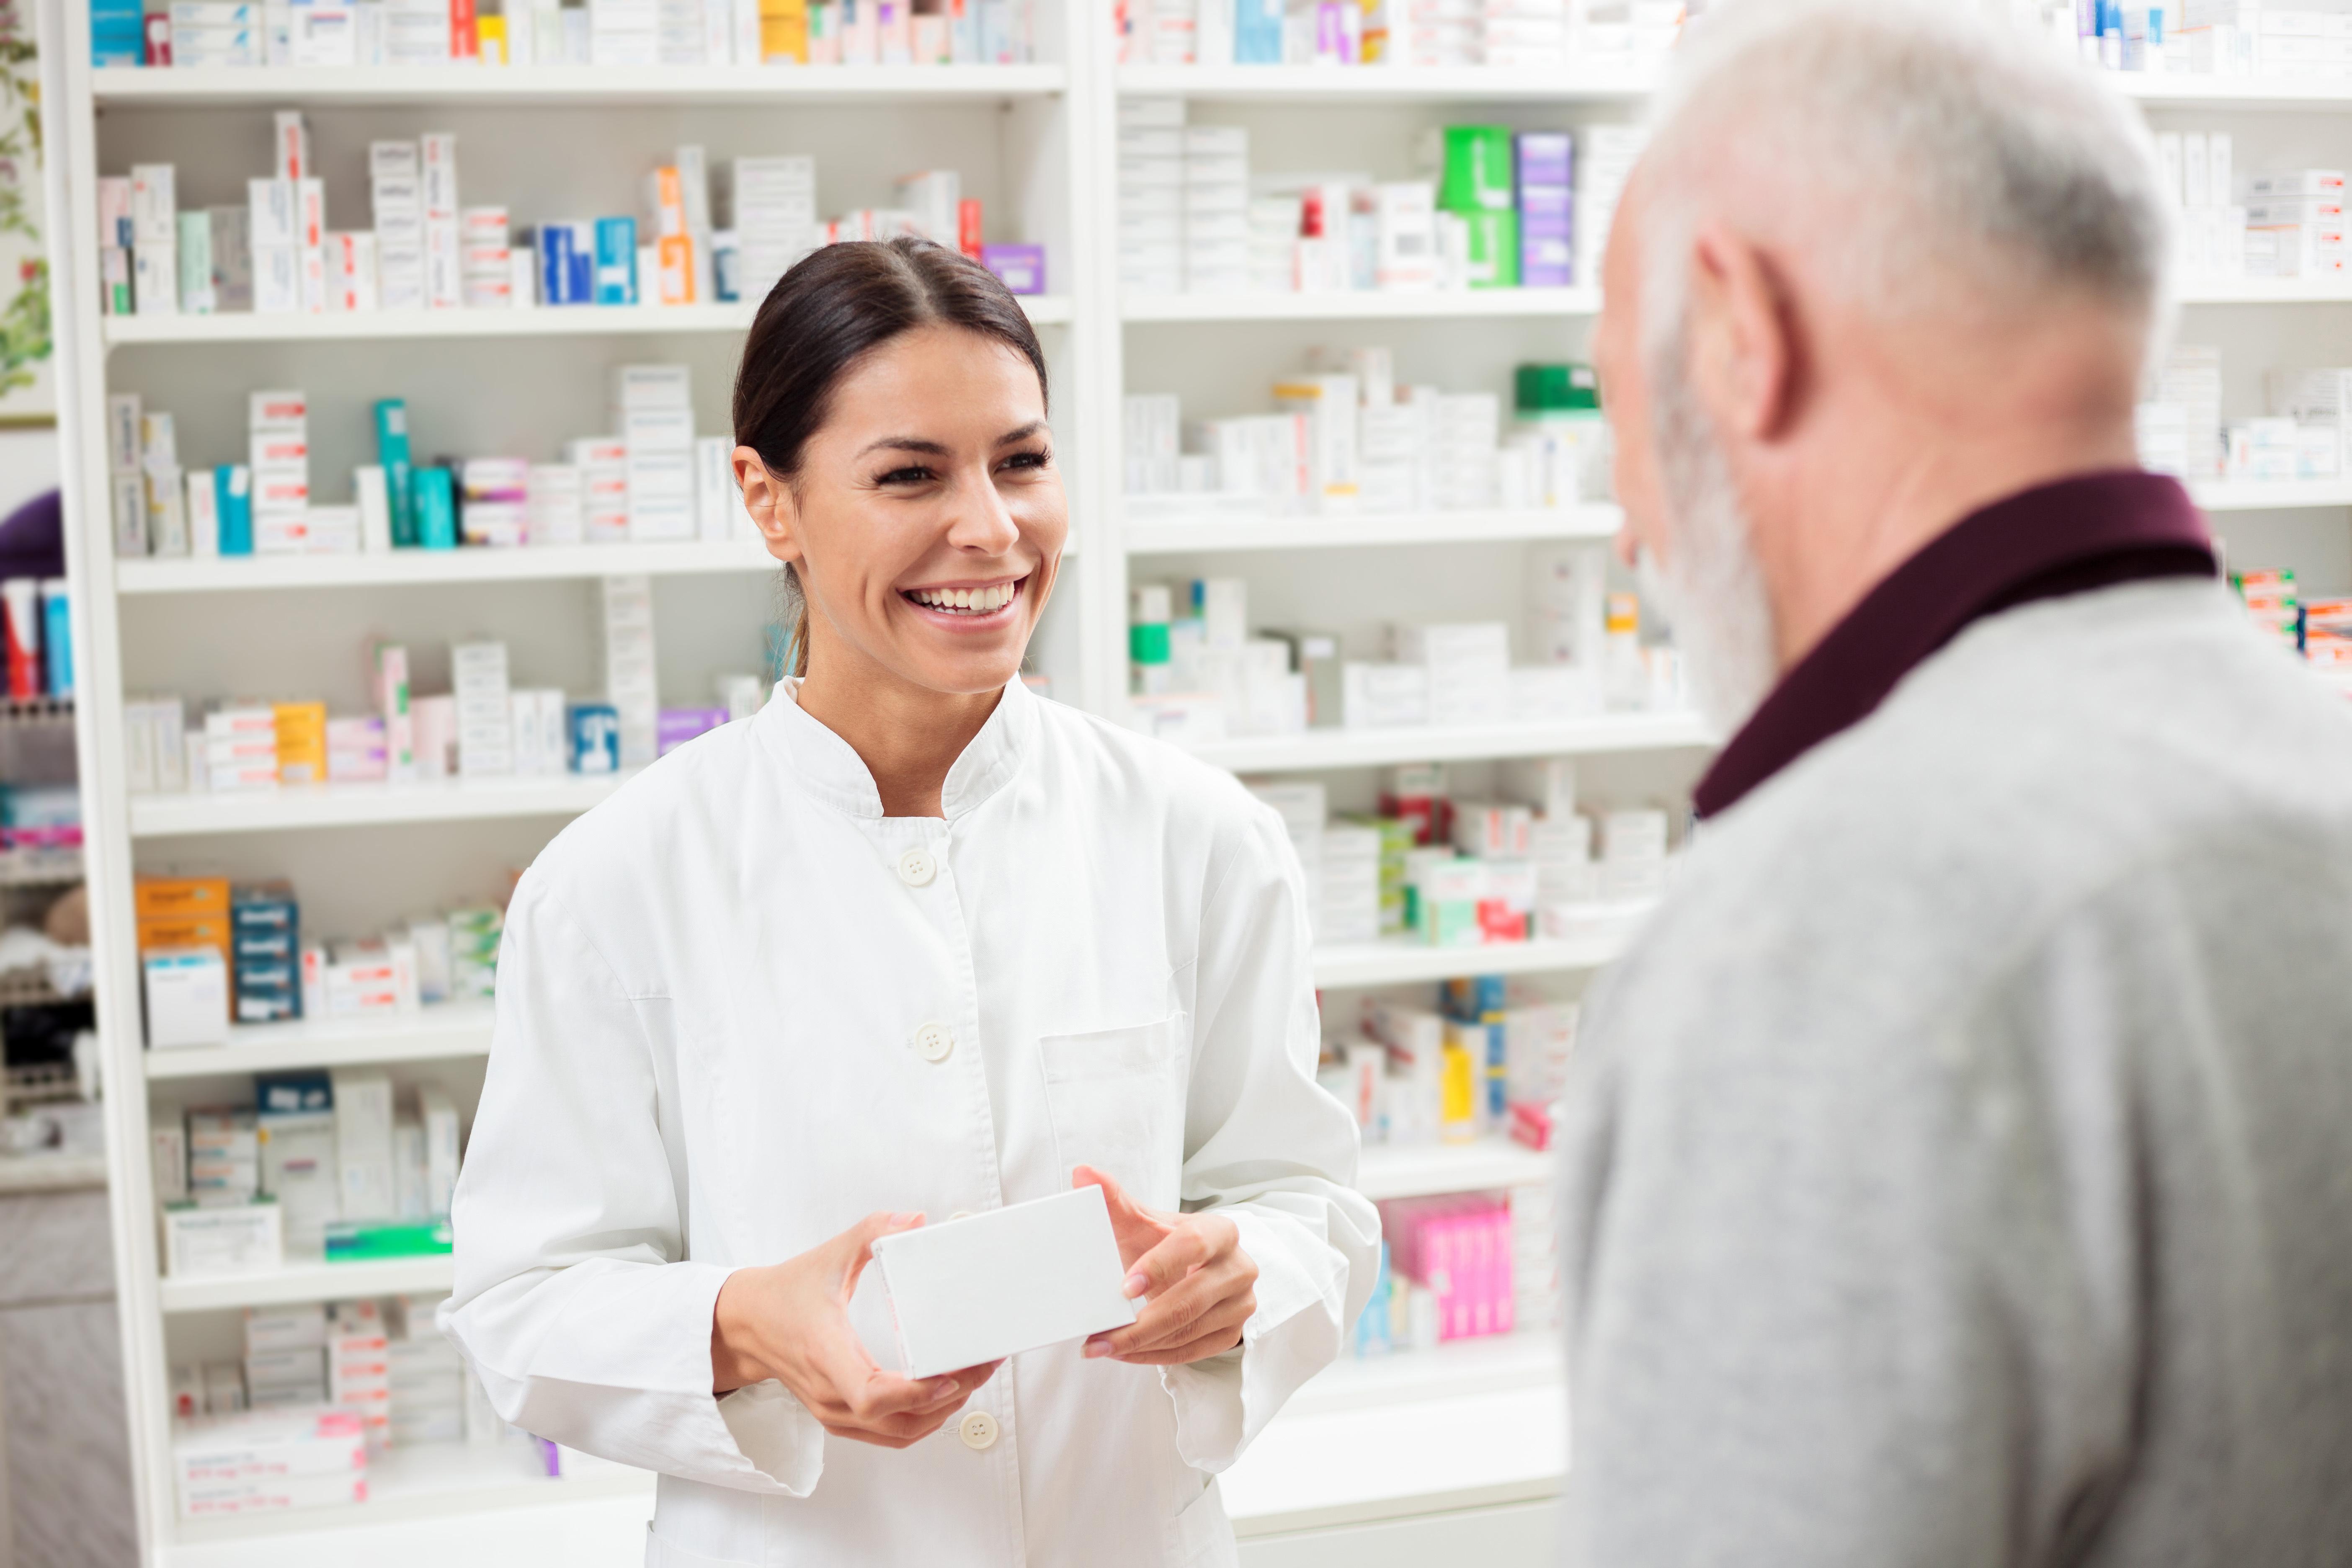 Pharmacist serving customer